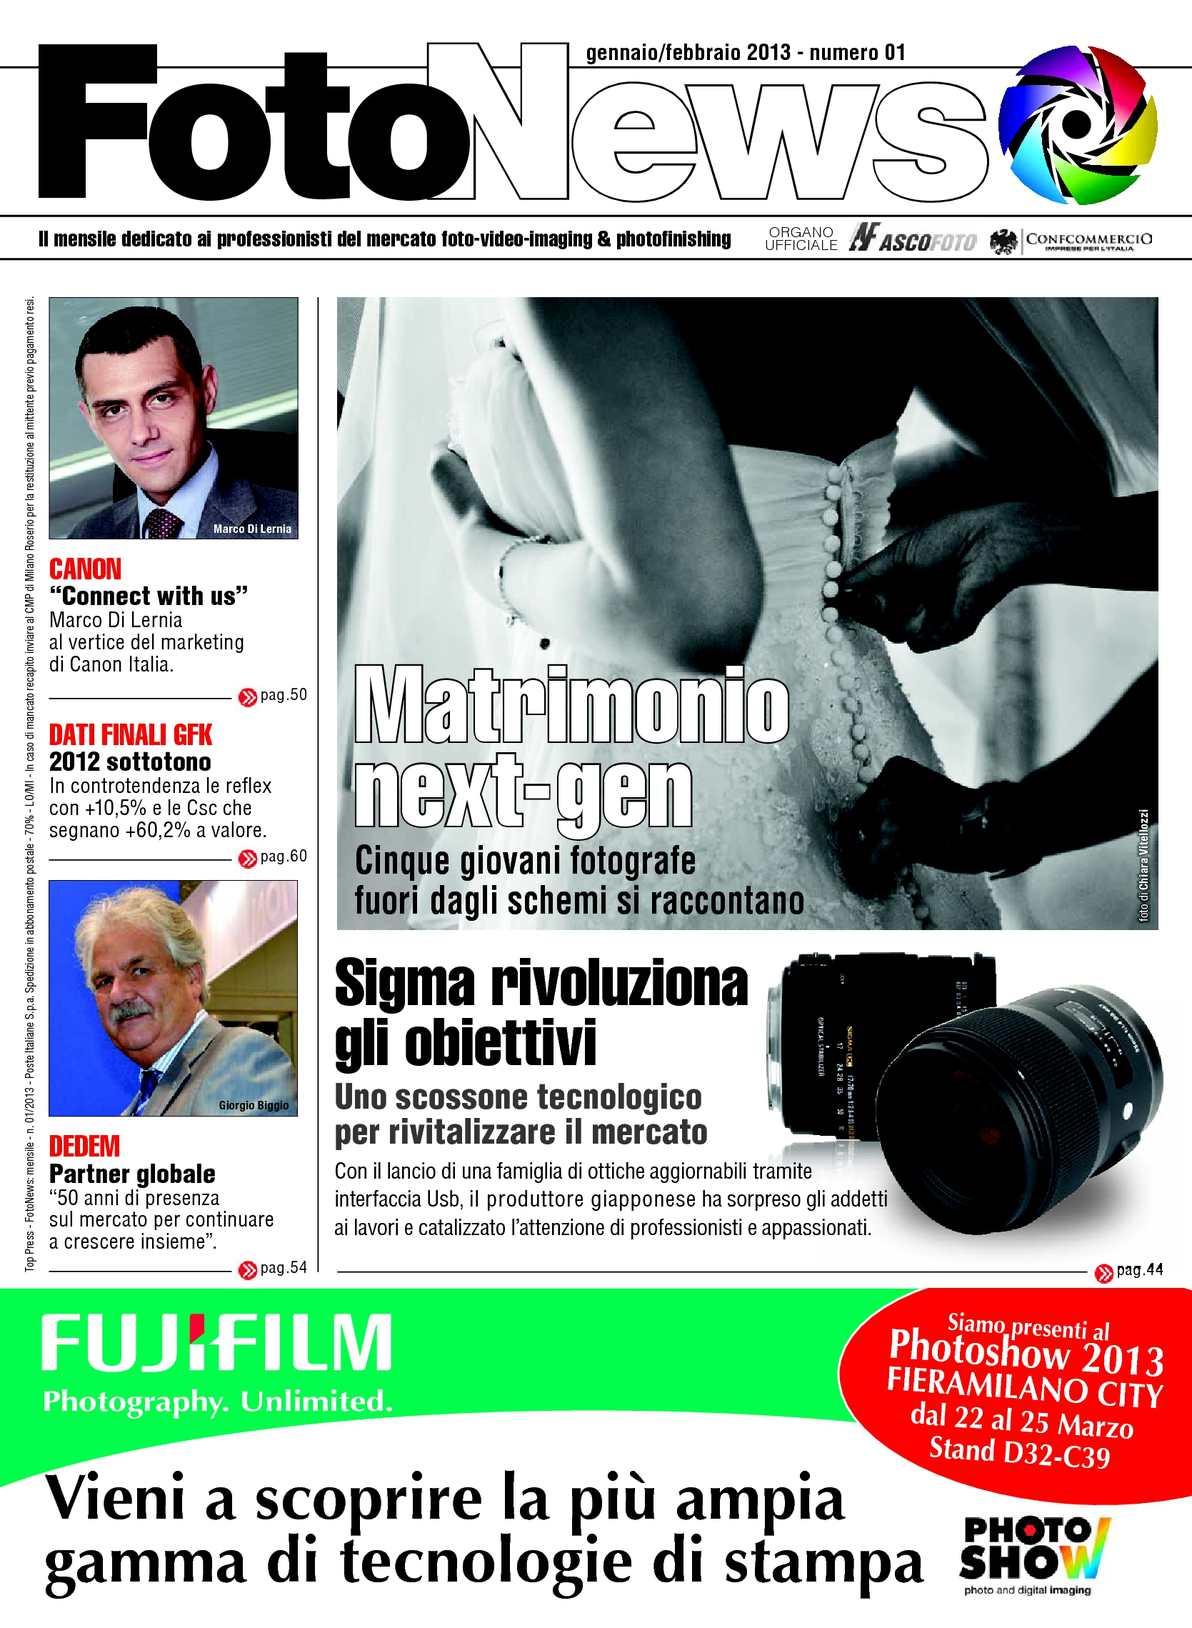 FotoNews 01/2013